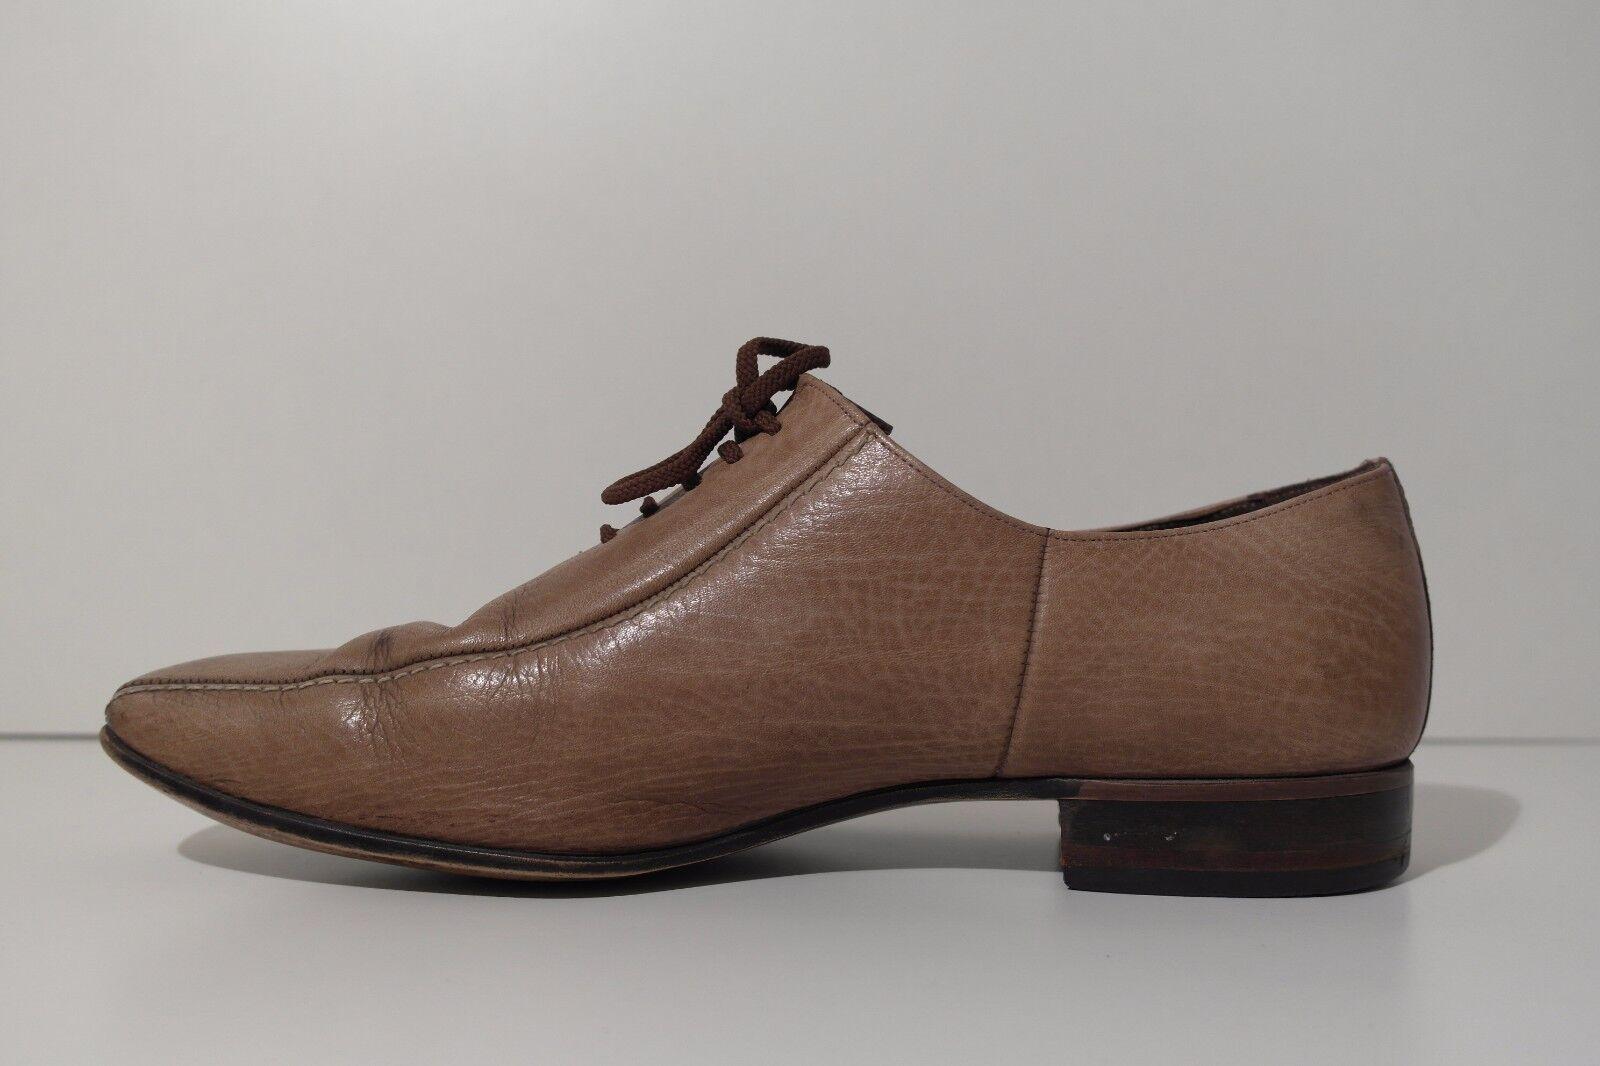 TRUE VINTAGE 70er Herren Schnürer UK UK UK 8 Schuhe Lace up braun Halbschuhe Loafer b97315